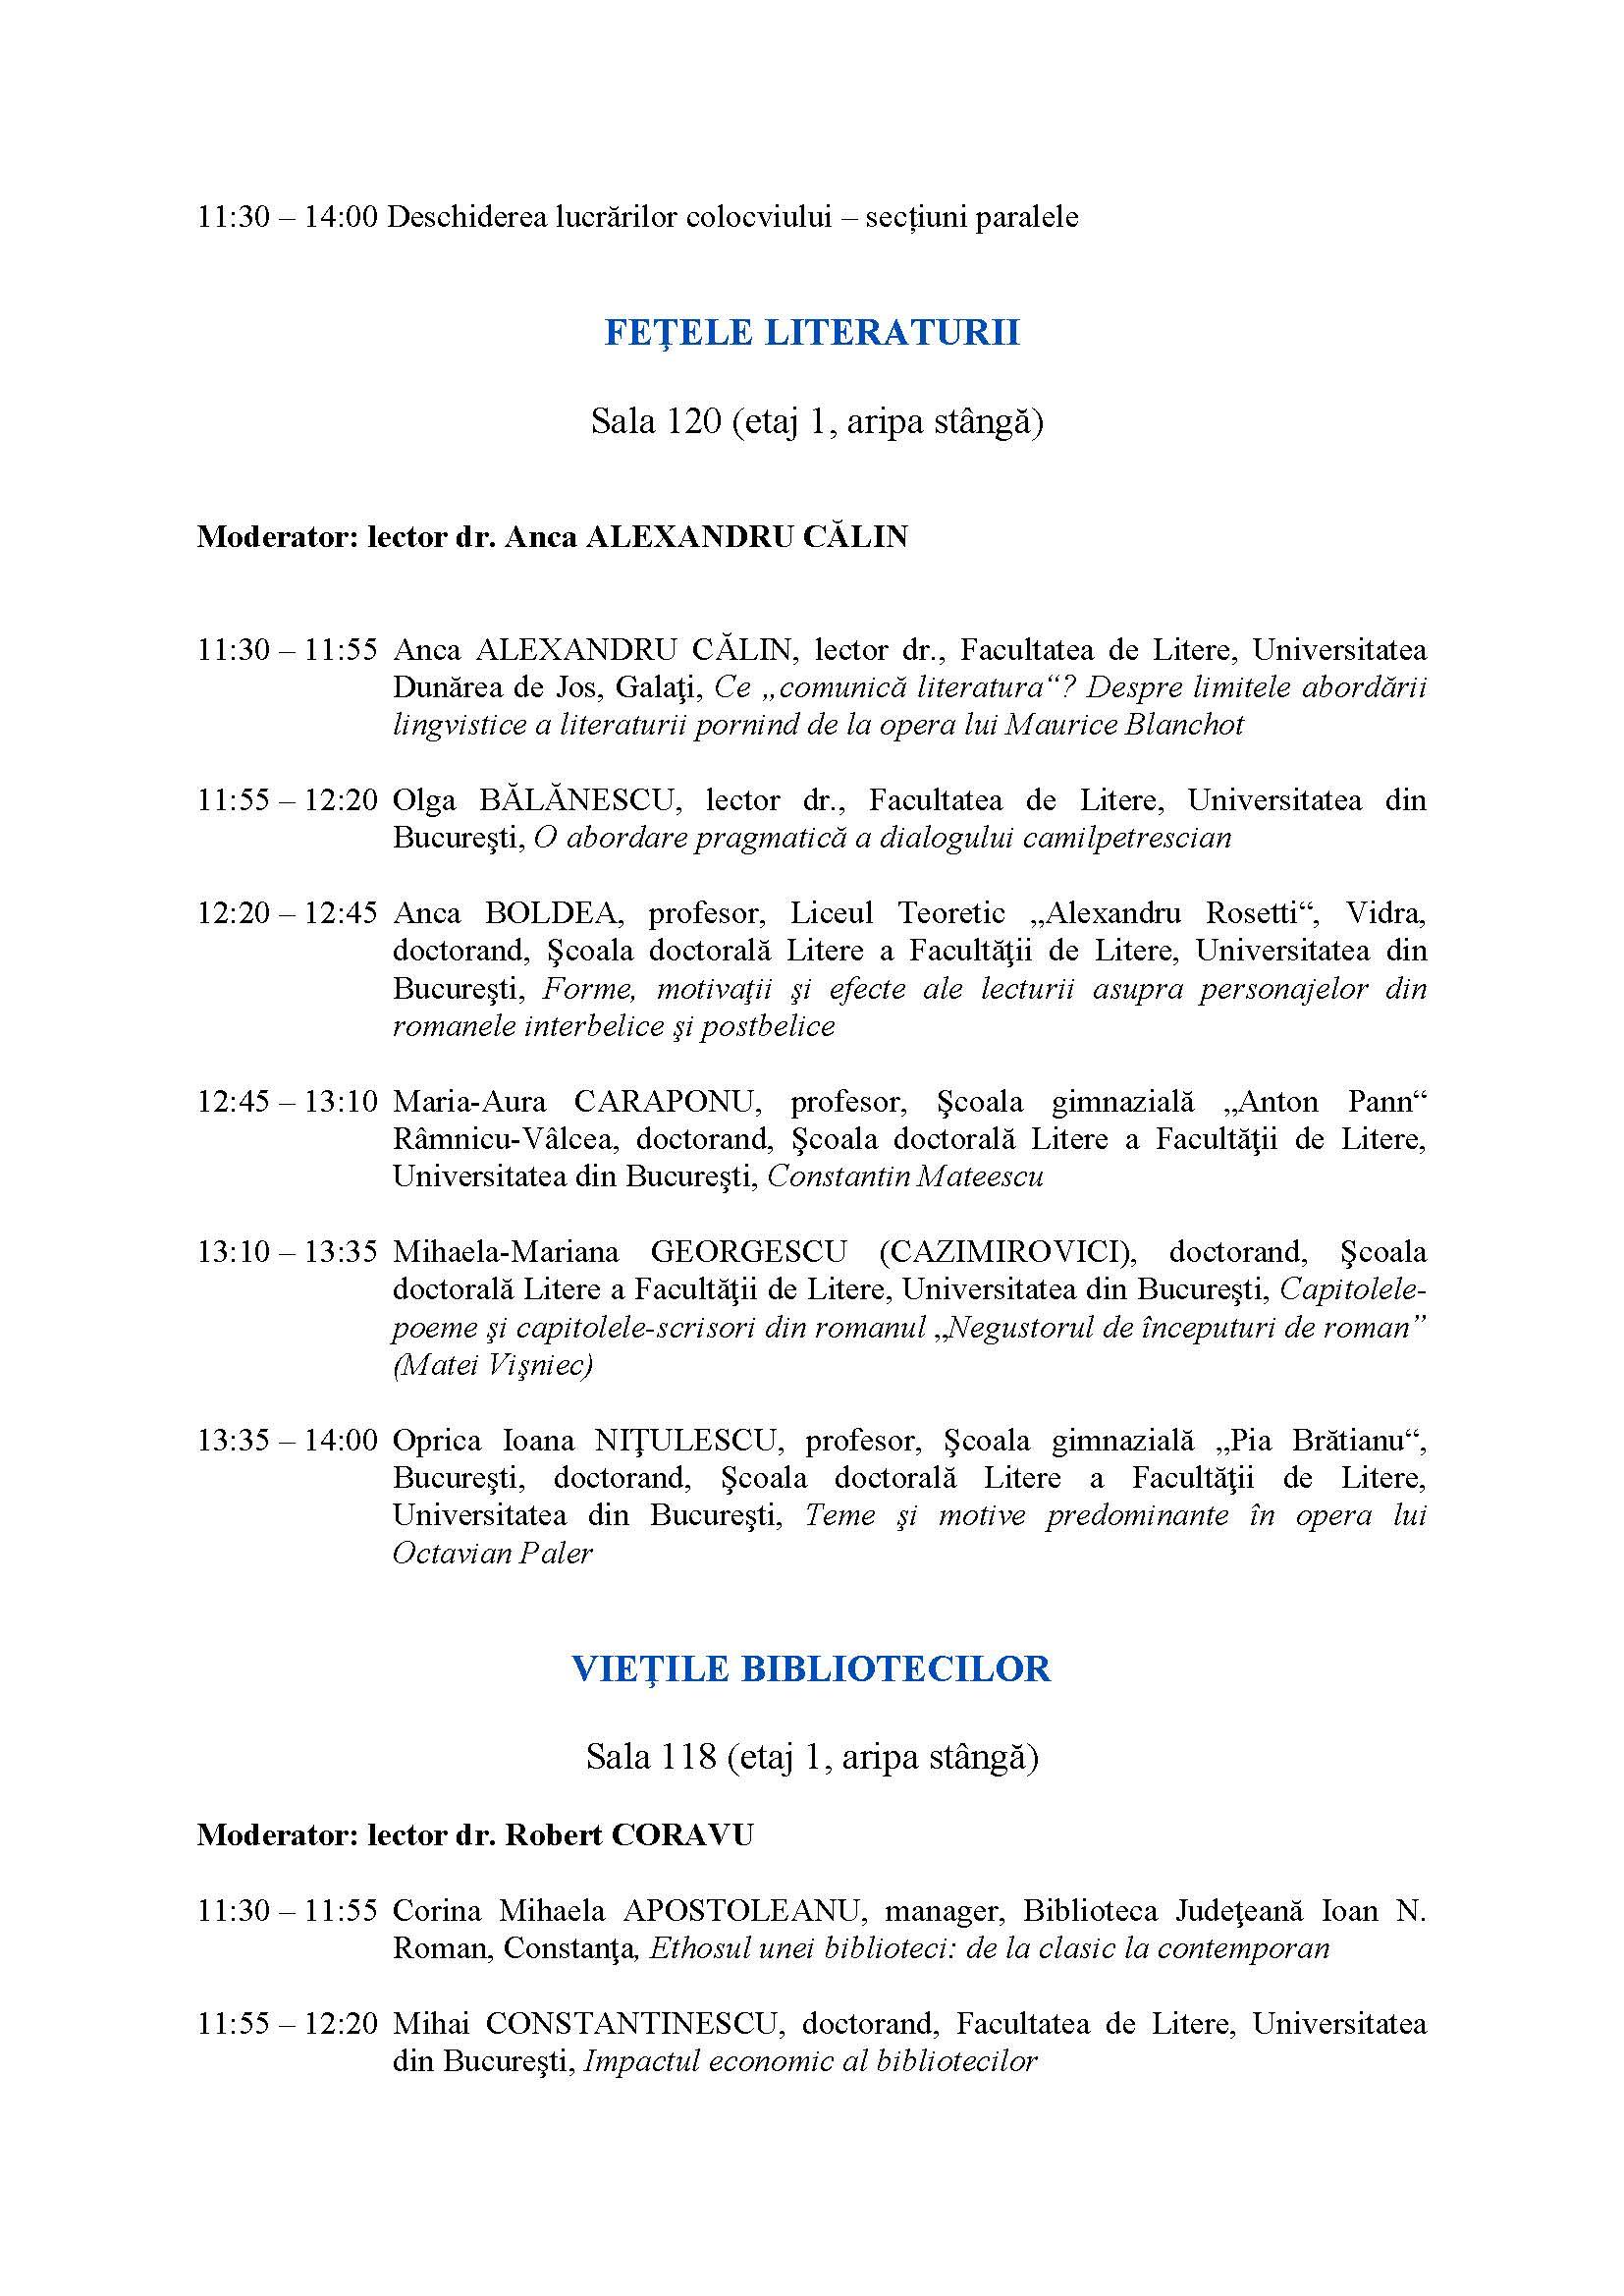 Program colocviu DSC noiembrie 2019_Page_2